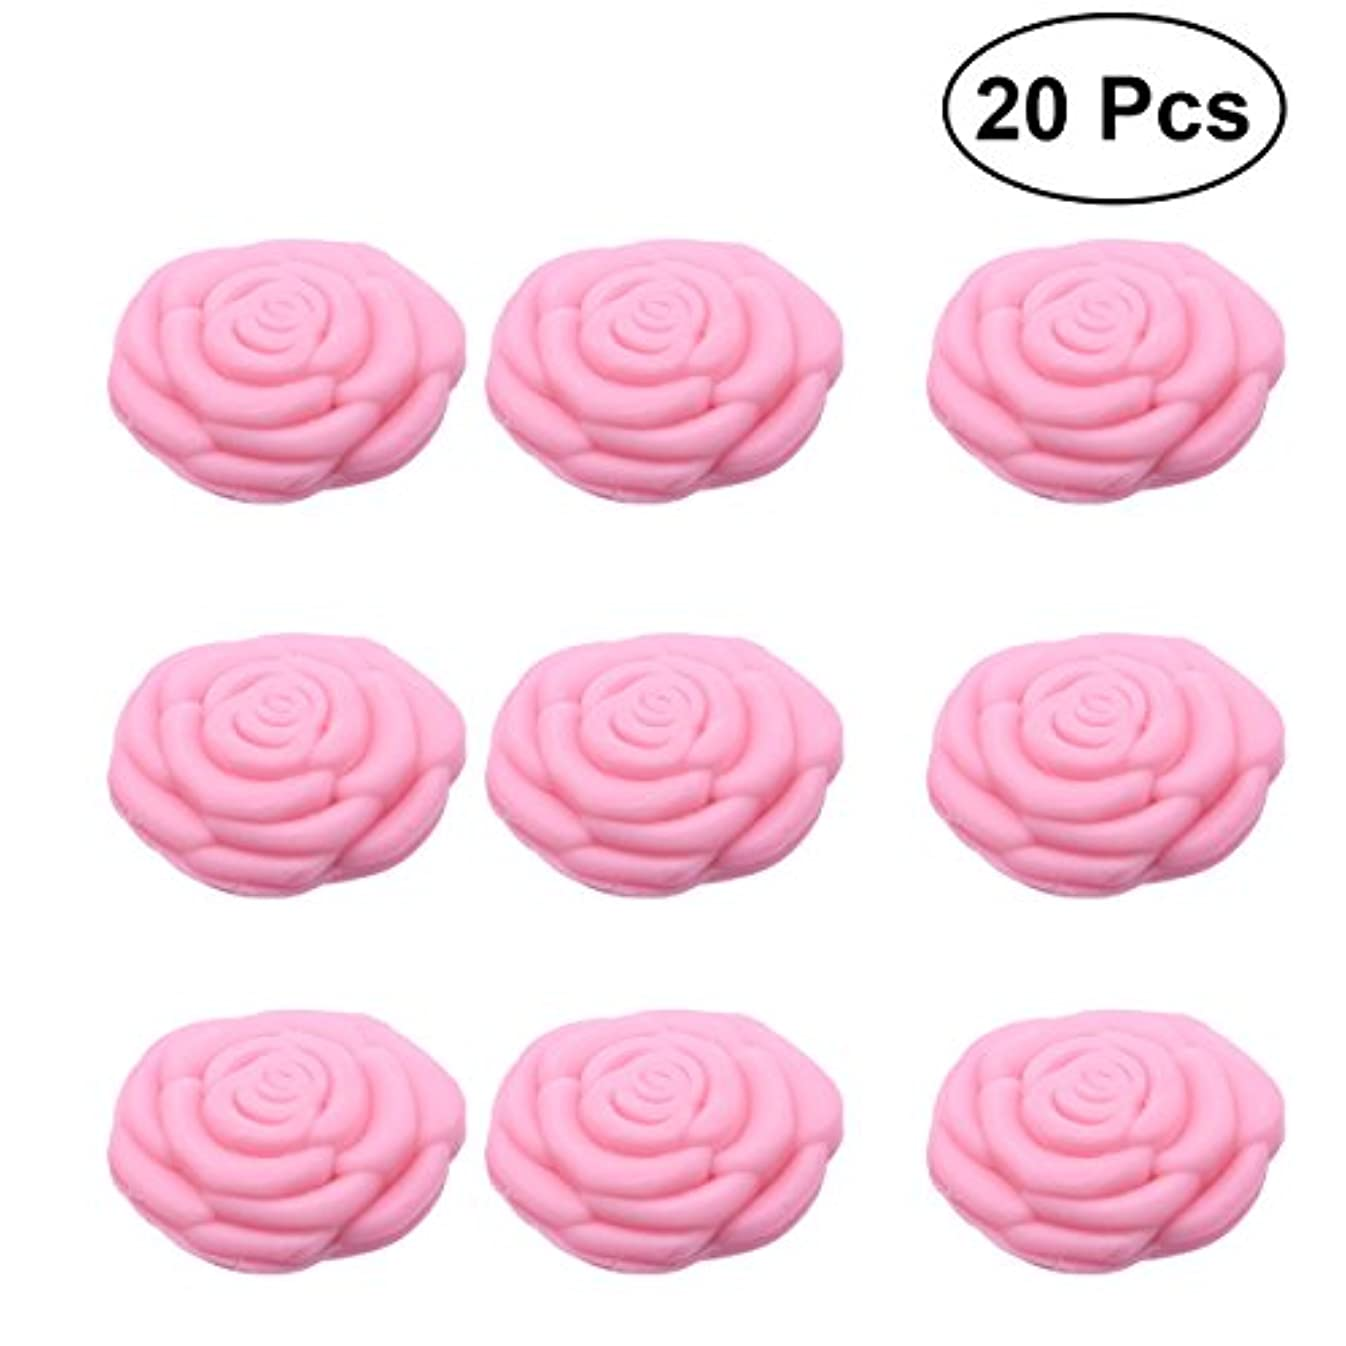 水素ビュッフェグリースAmosfun 手作り石鹸オイルローズフラワーソープアロマエッセンシャルオイルギフト記念日誕生日結婚式バレンタインデー(ピンク)20ピース